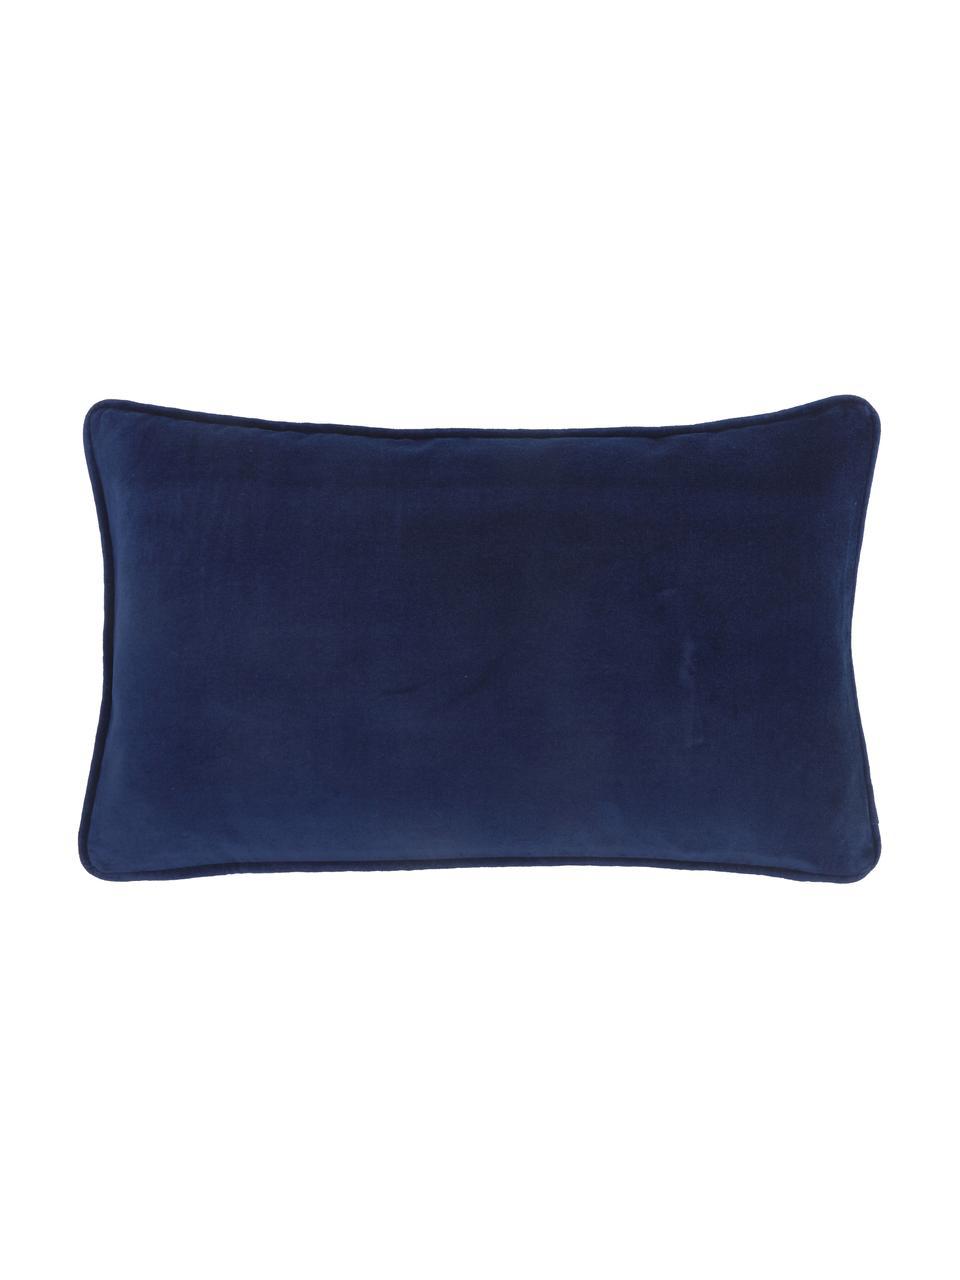 Federa arredo in velluto blu navy Dana, 100% velluto di cotone, Blu marino, Larg. 30 x Lung. 50 cm